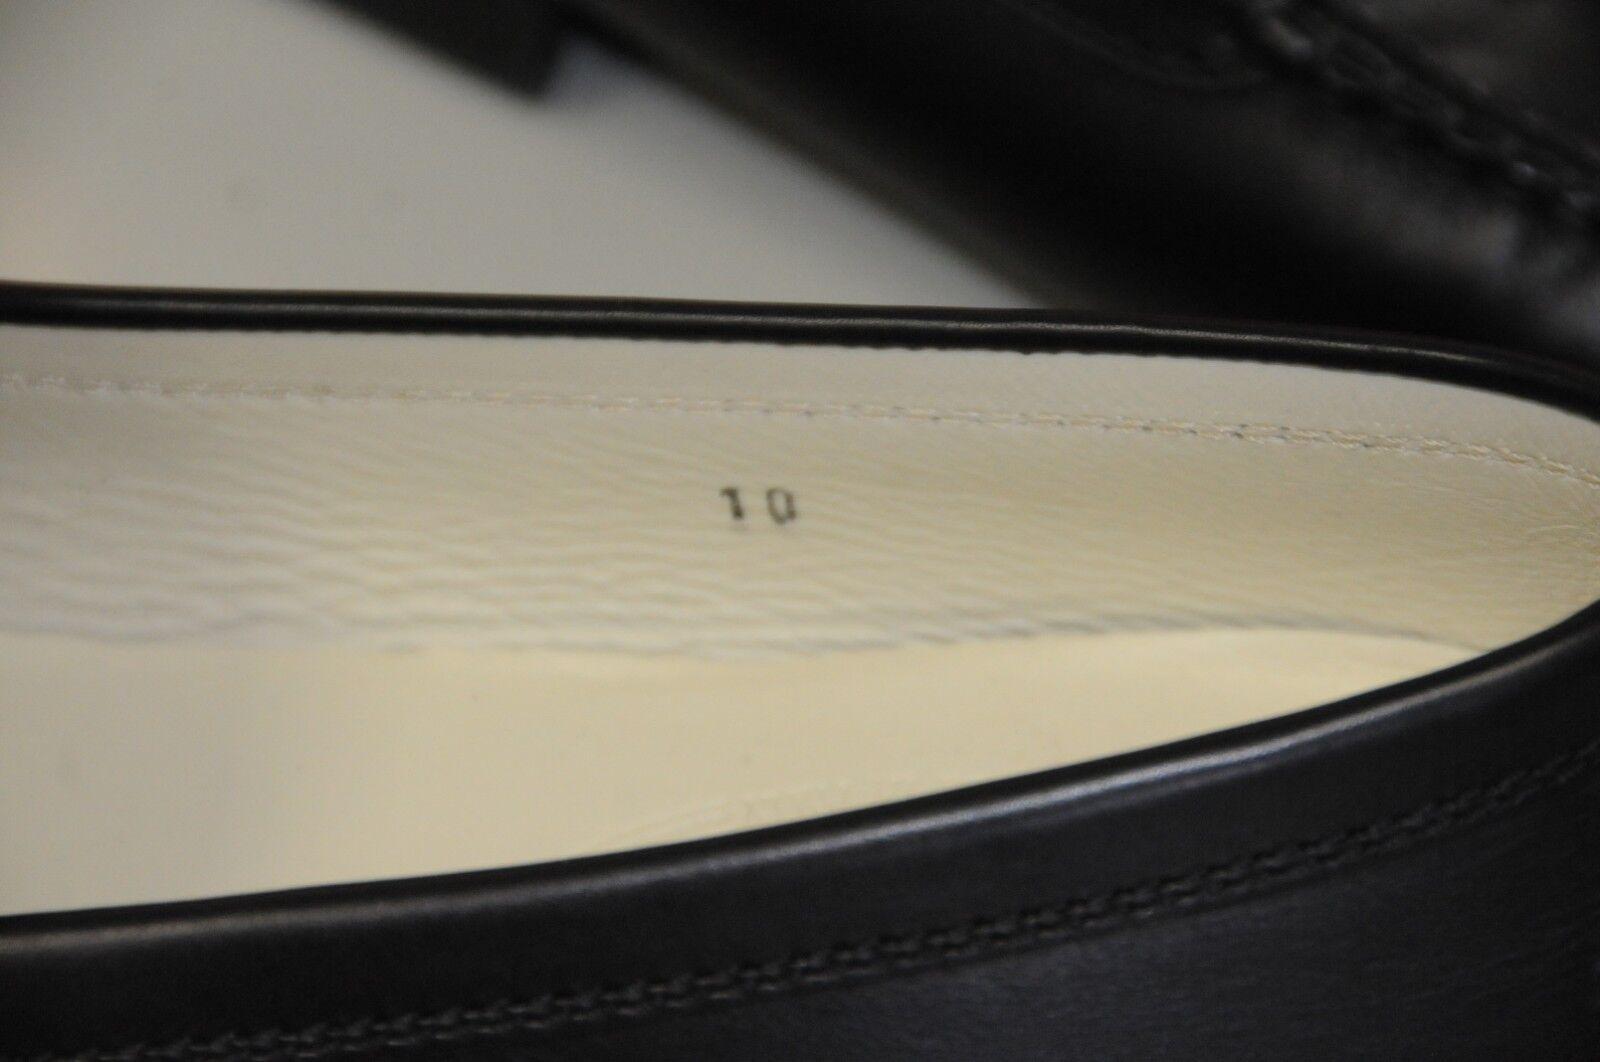 Neuf TOD'S TOD'S TOD'S Tods Plats Mocassins de Conduite Noir Chaussures en Cuir A Enfiler 10 eff2a2